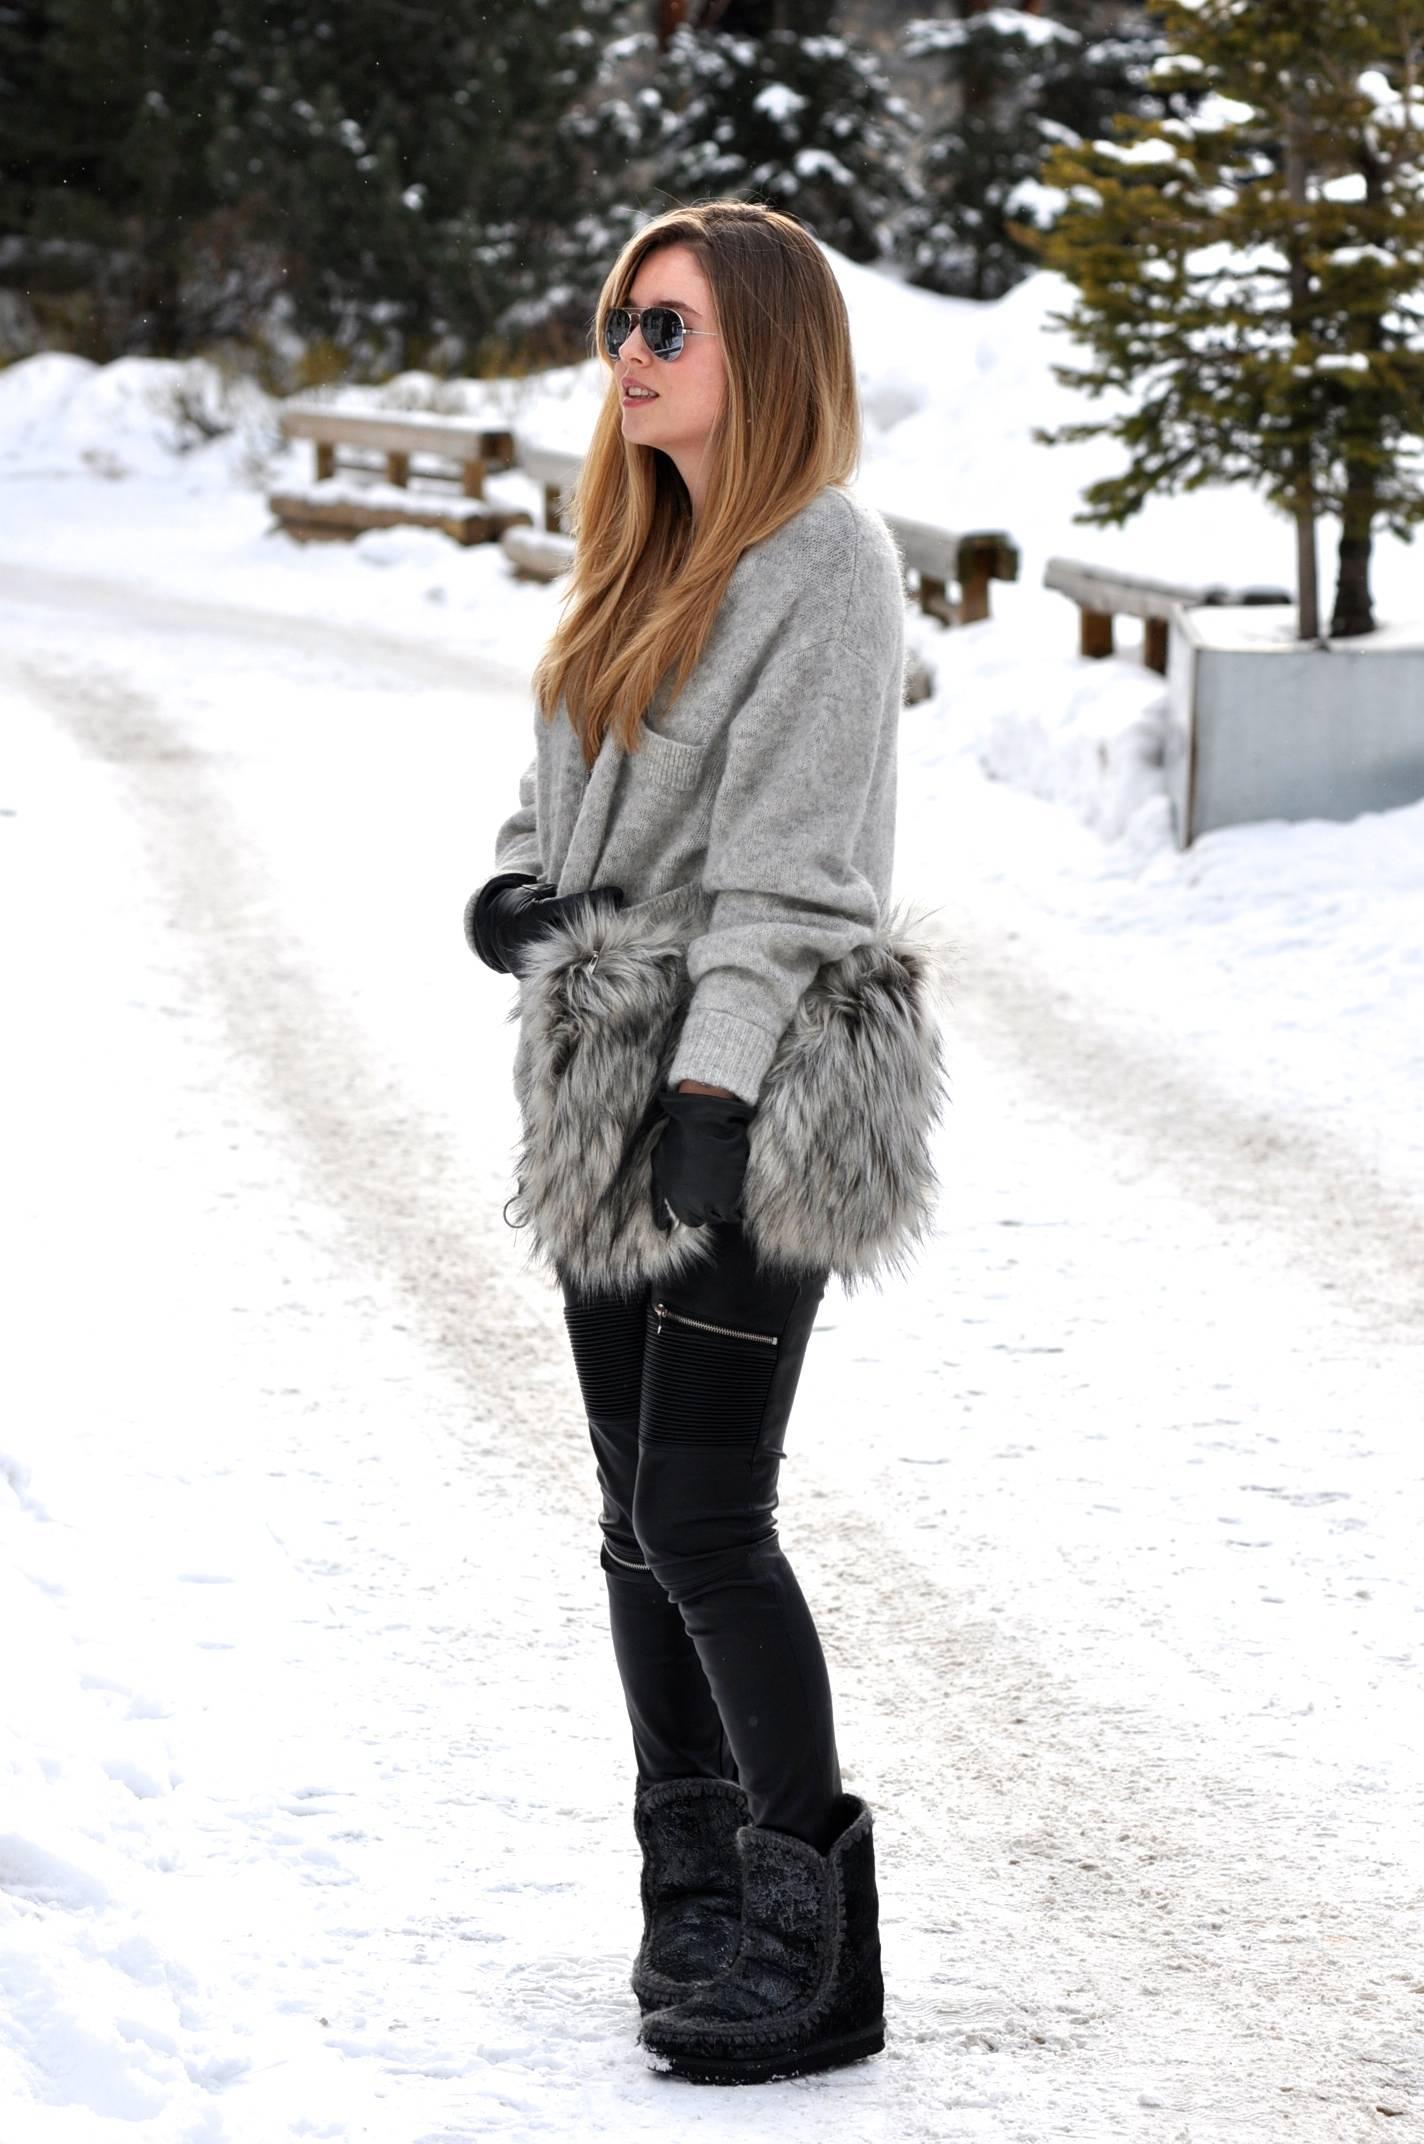 Après,ski outfit